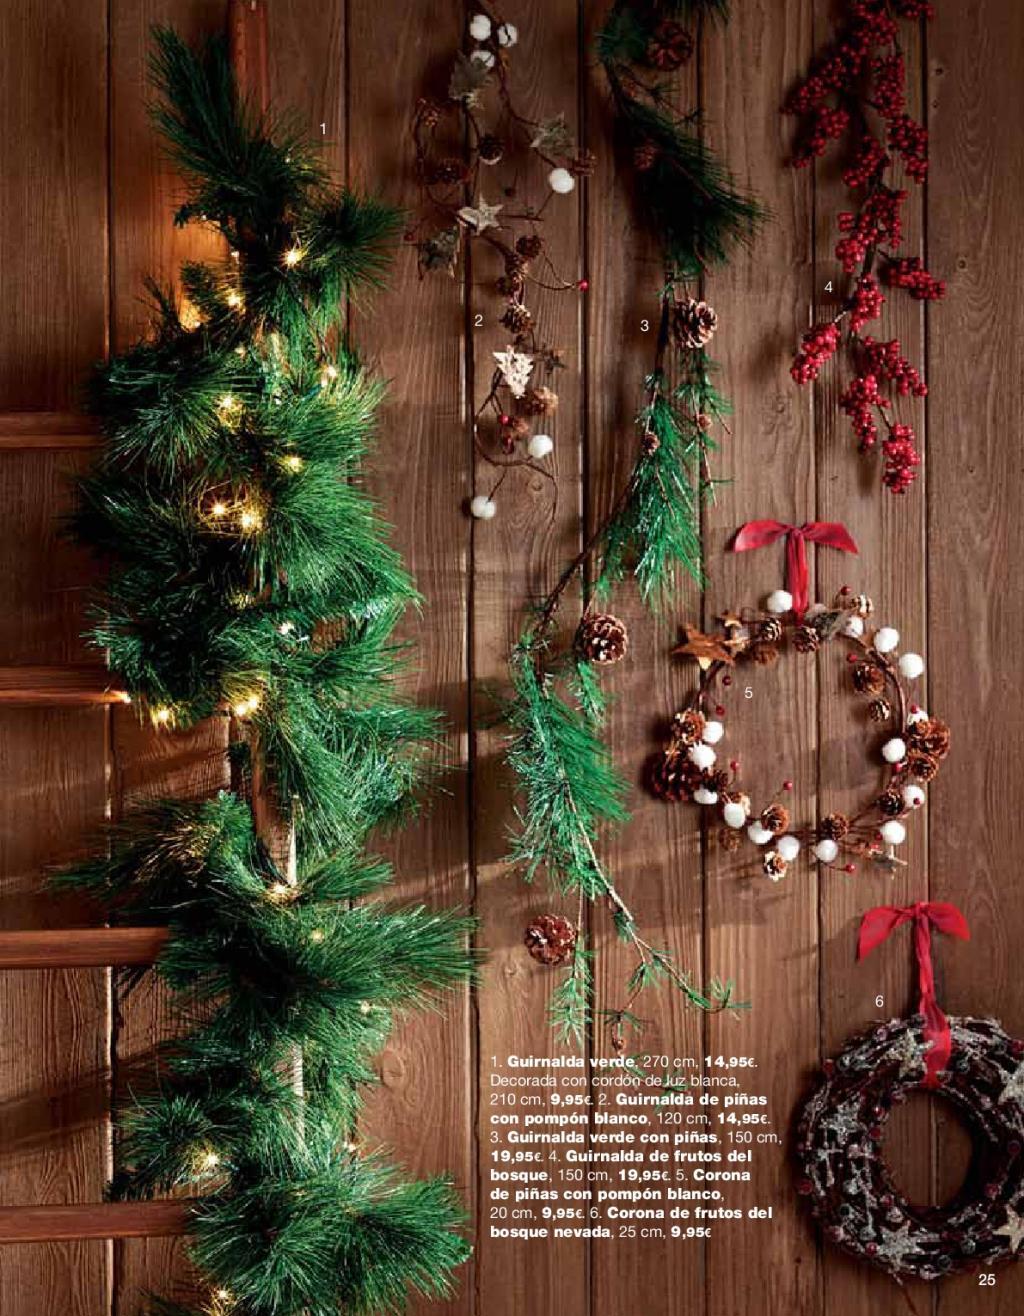 Navidad el corte ingles25 for El corte ingles decoracion salones